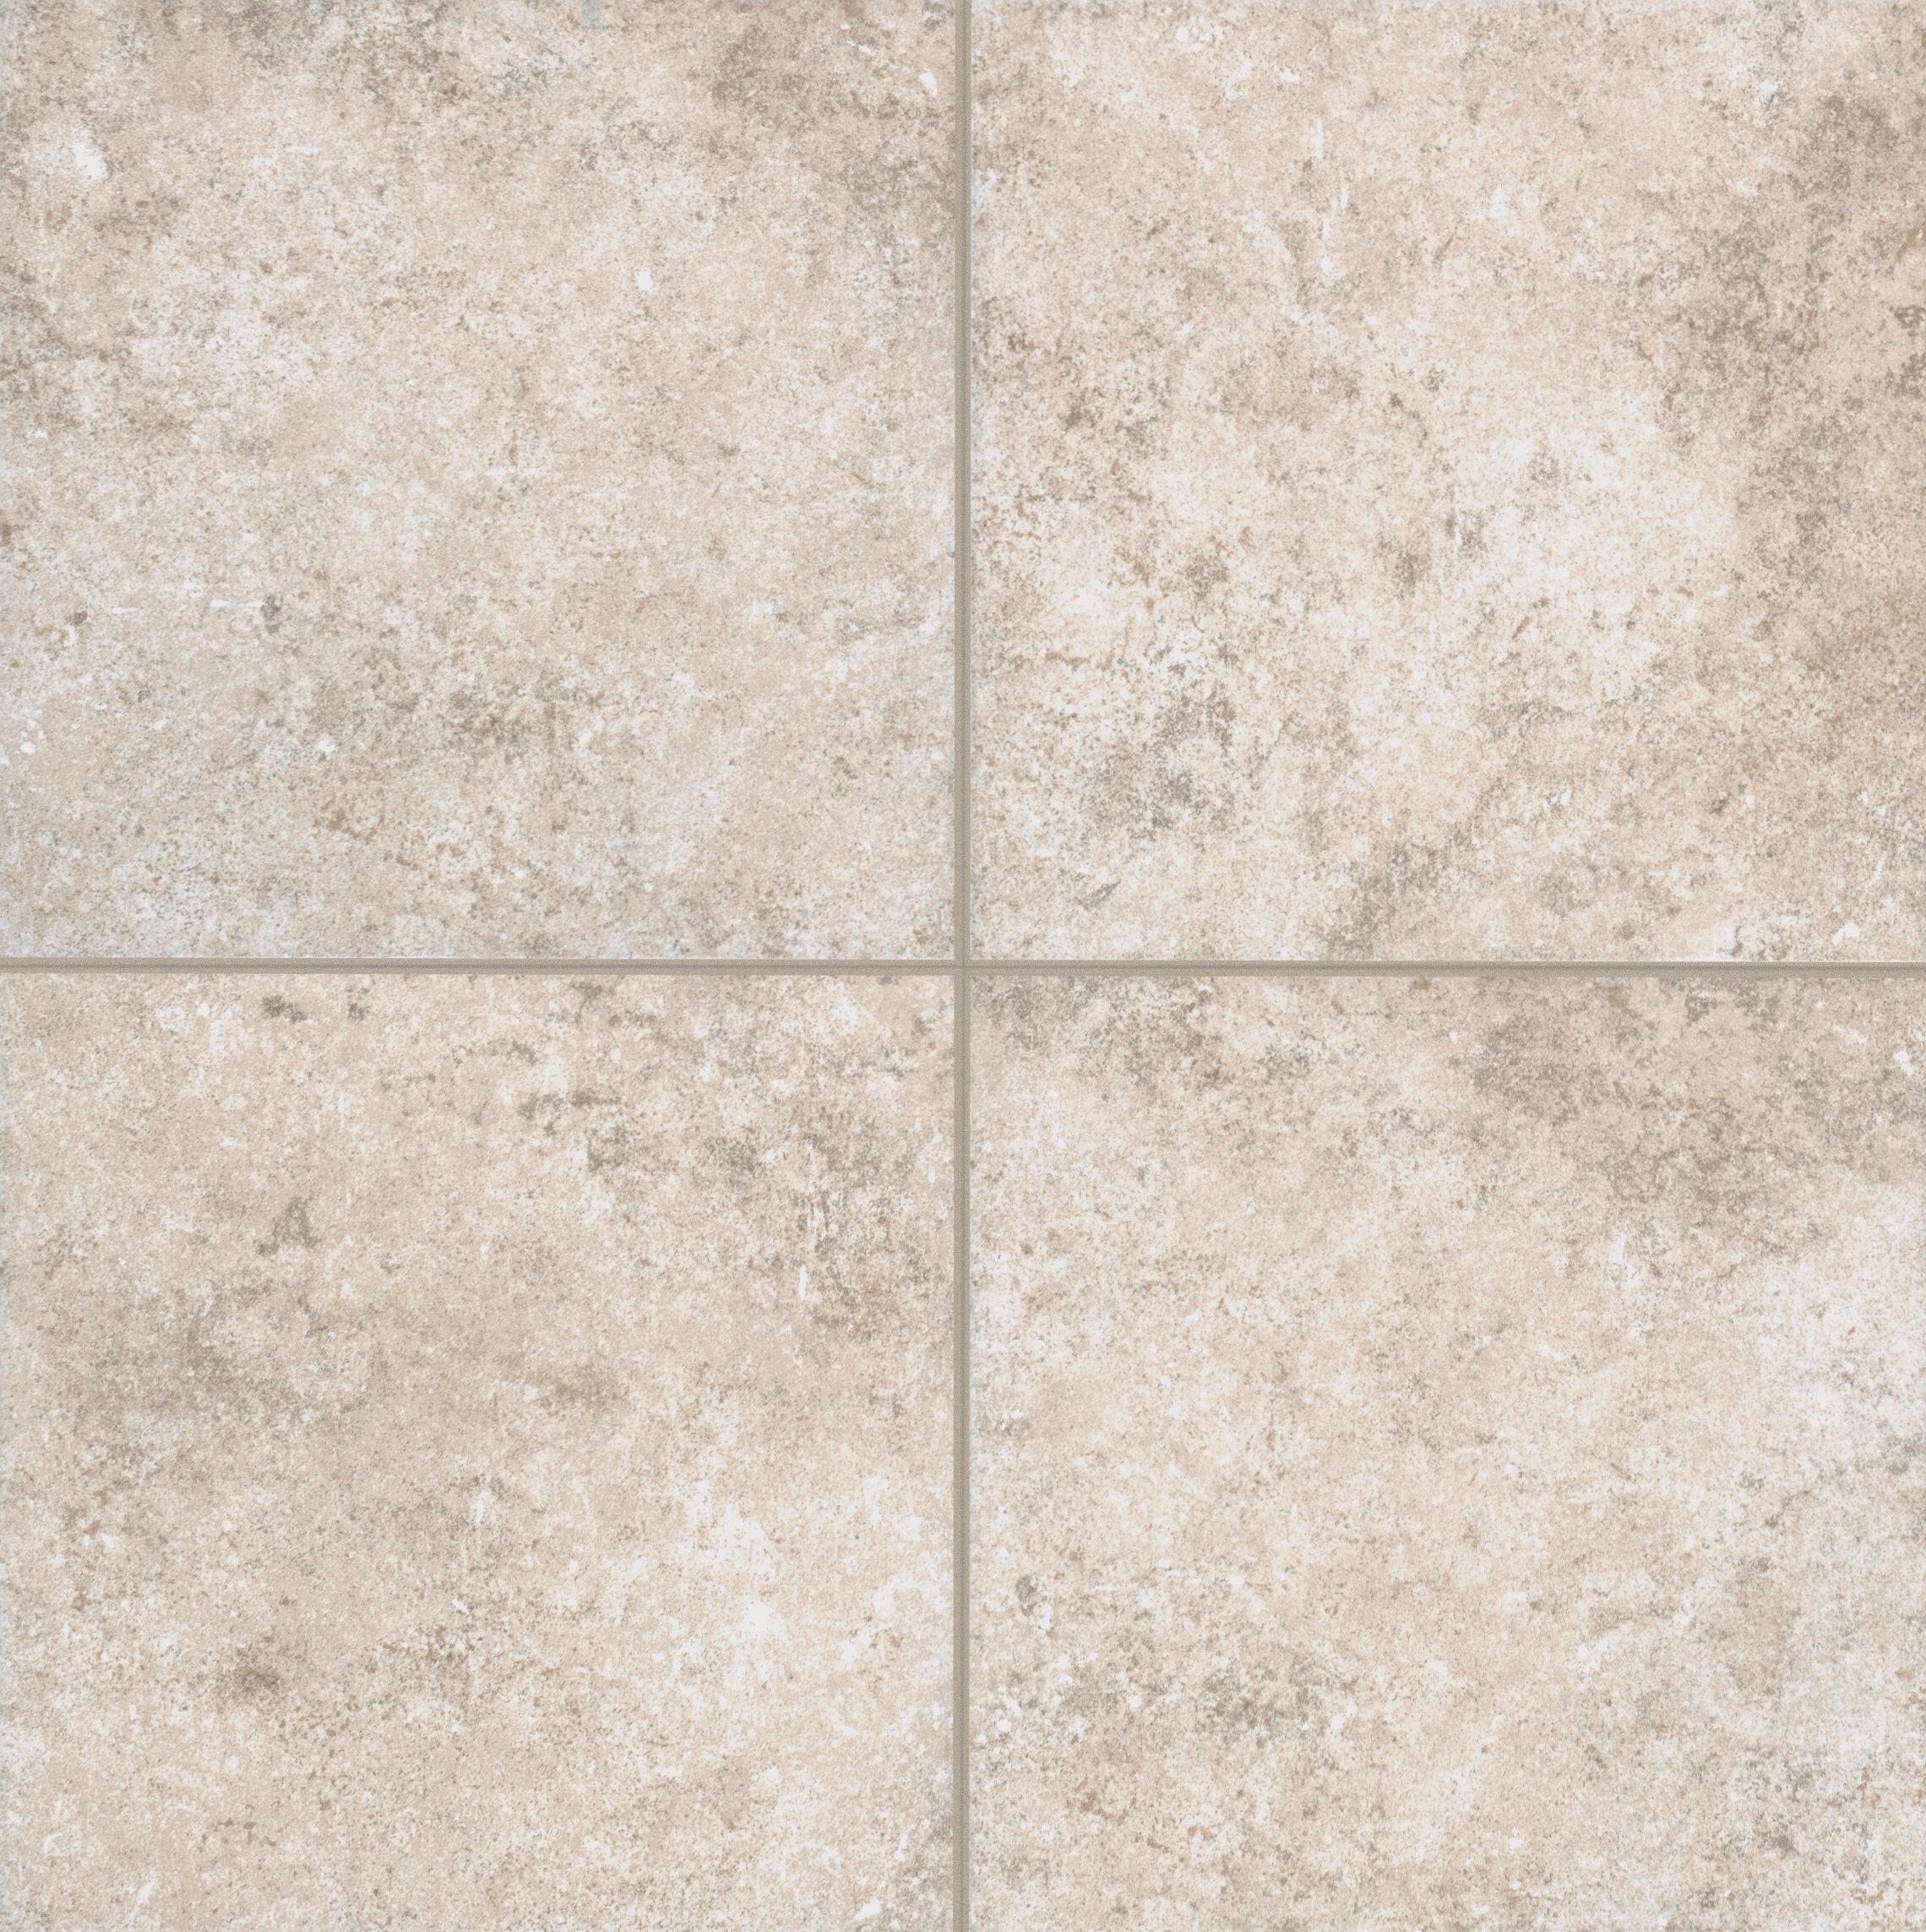 Mohawk Pensdale Floor Glazed 18 X Porcelain Field Tile In White Shell Wayfair